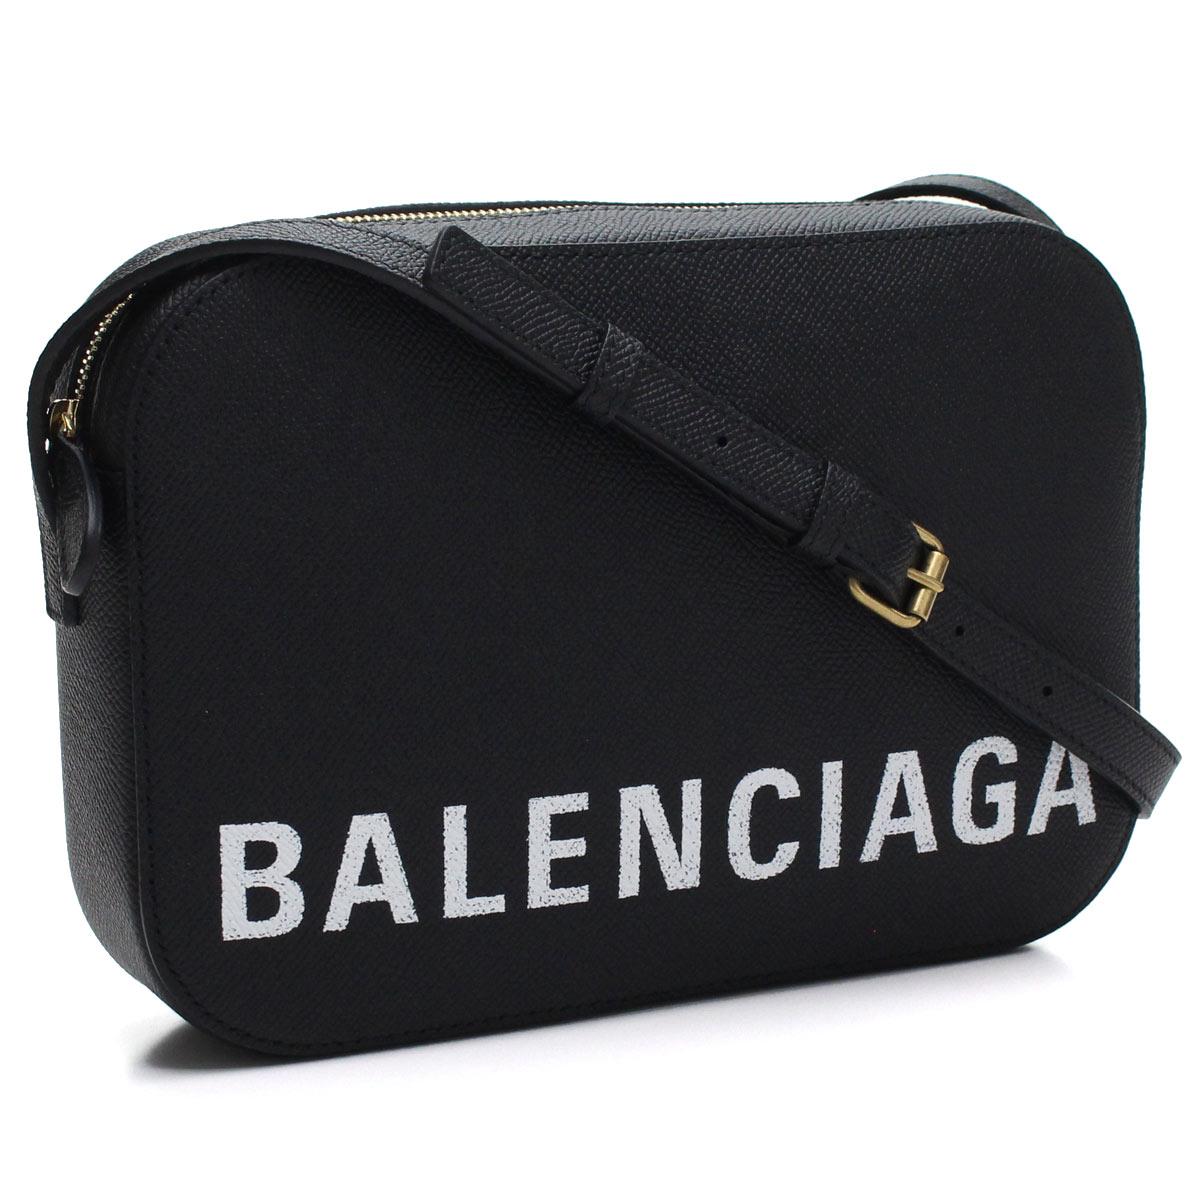 バレンシアガ BALENCIAGA ビル 斜め掛け ショルダーバッグ 558172 0OTDM 1000 NOIR/L BLANC ブラック レディース